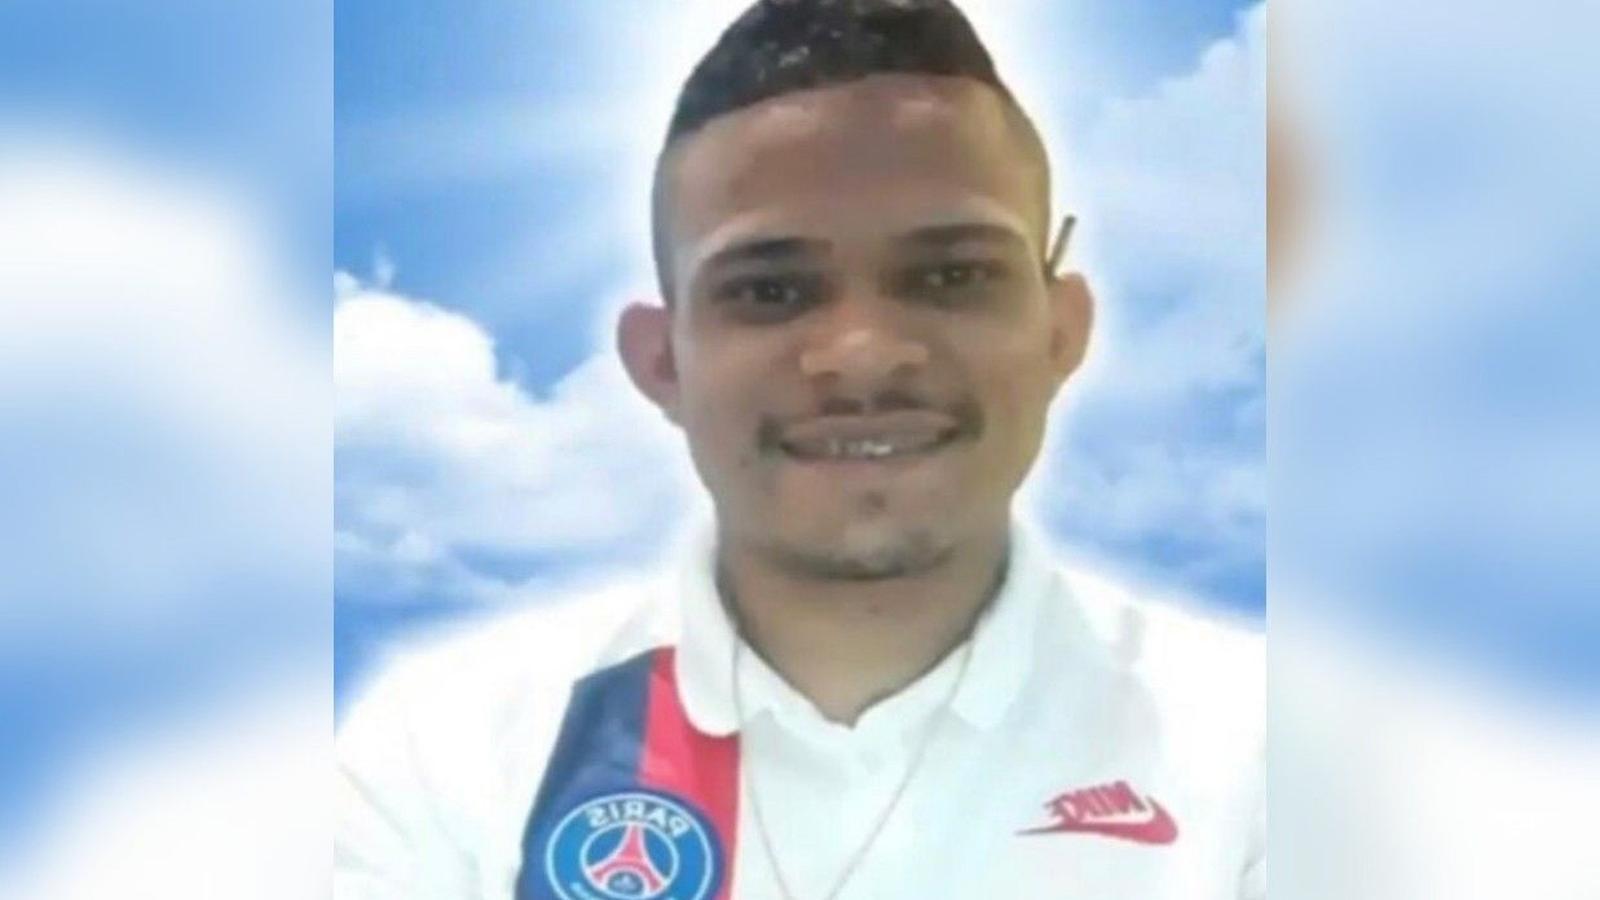 Policiais militares atiraram contra Jardeson Rodrigues, em uma ocorrência no bairro Padre Andrade, em fevereiro último